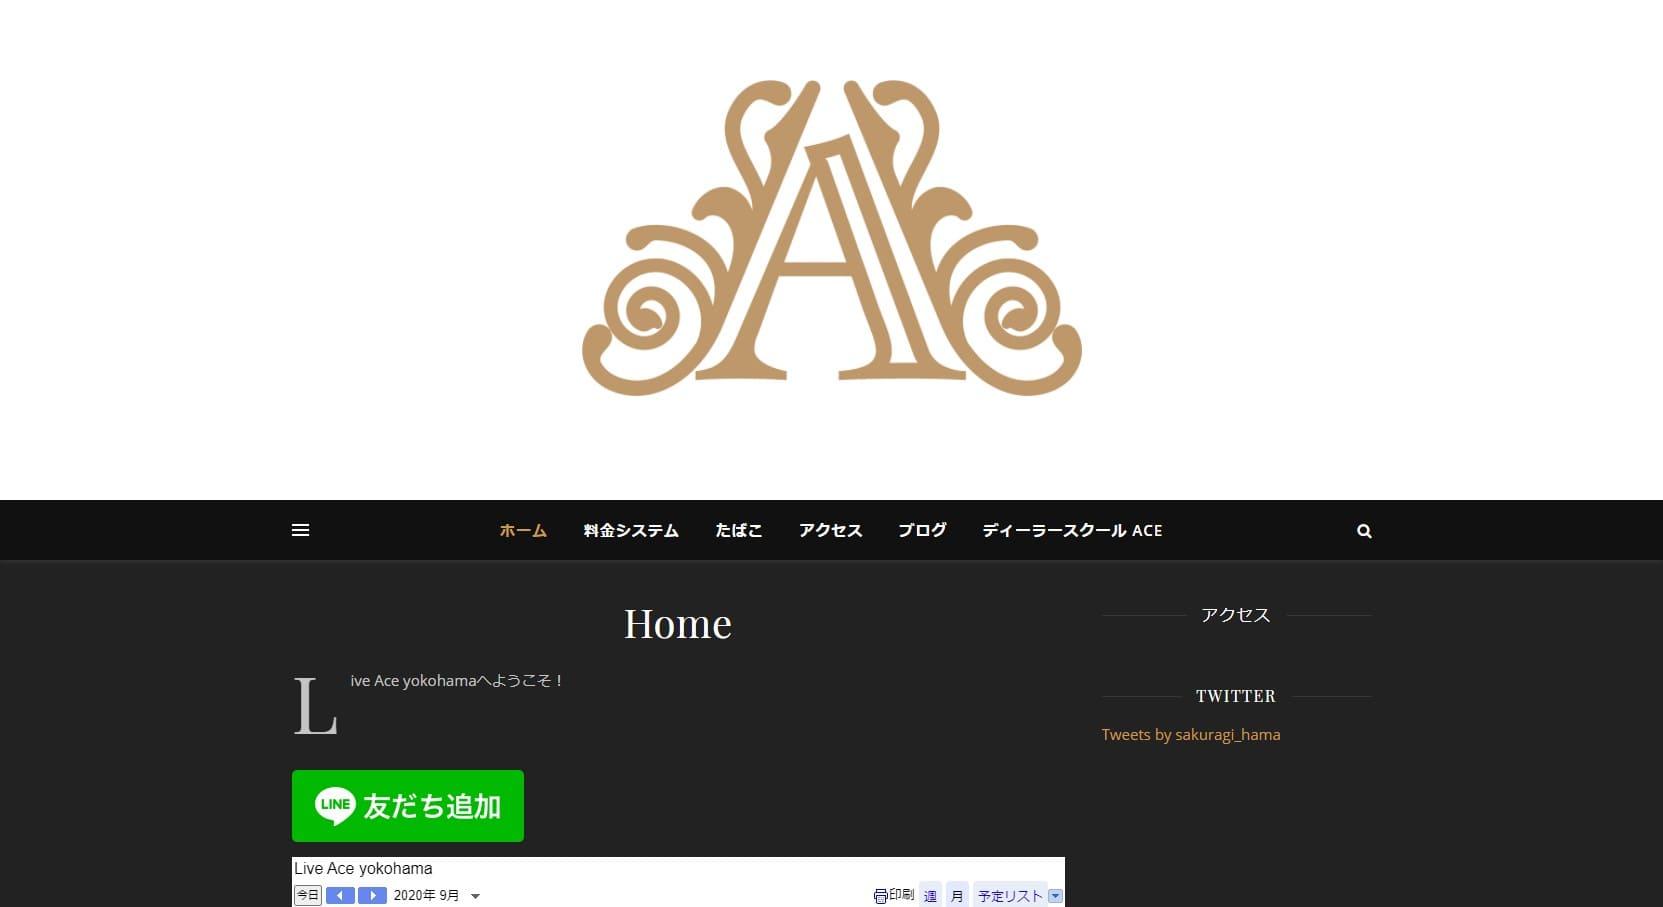 Live Ace yokohamaのウェブサイト画像。